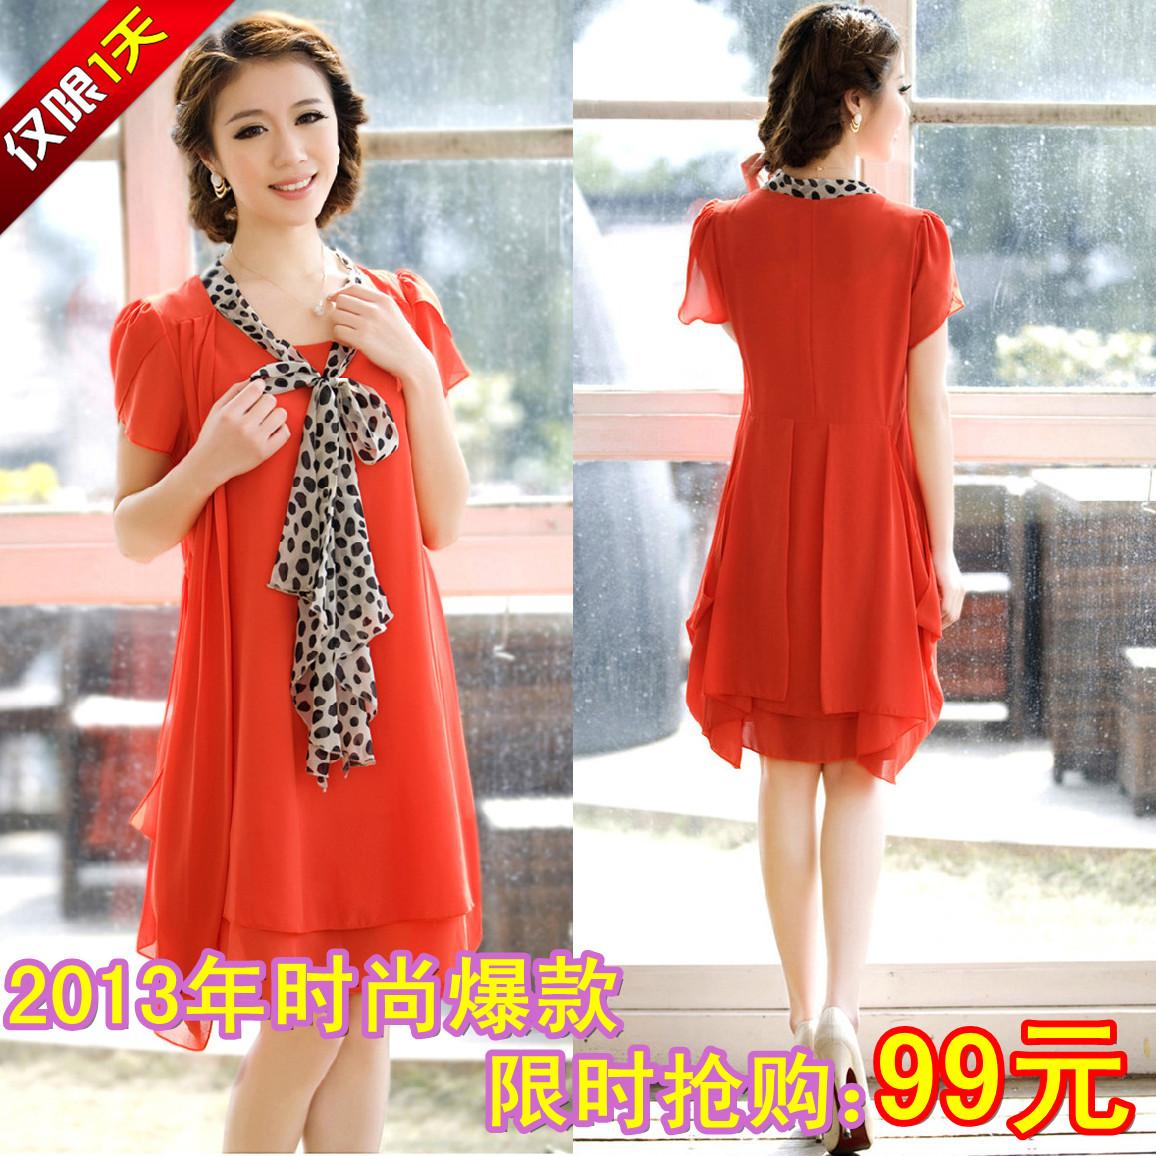 Беременных женщин юбки платья материнства t Новая весна, Весна Лето Мода корейских женщин платье плюс размер шифоновое платье